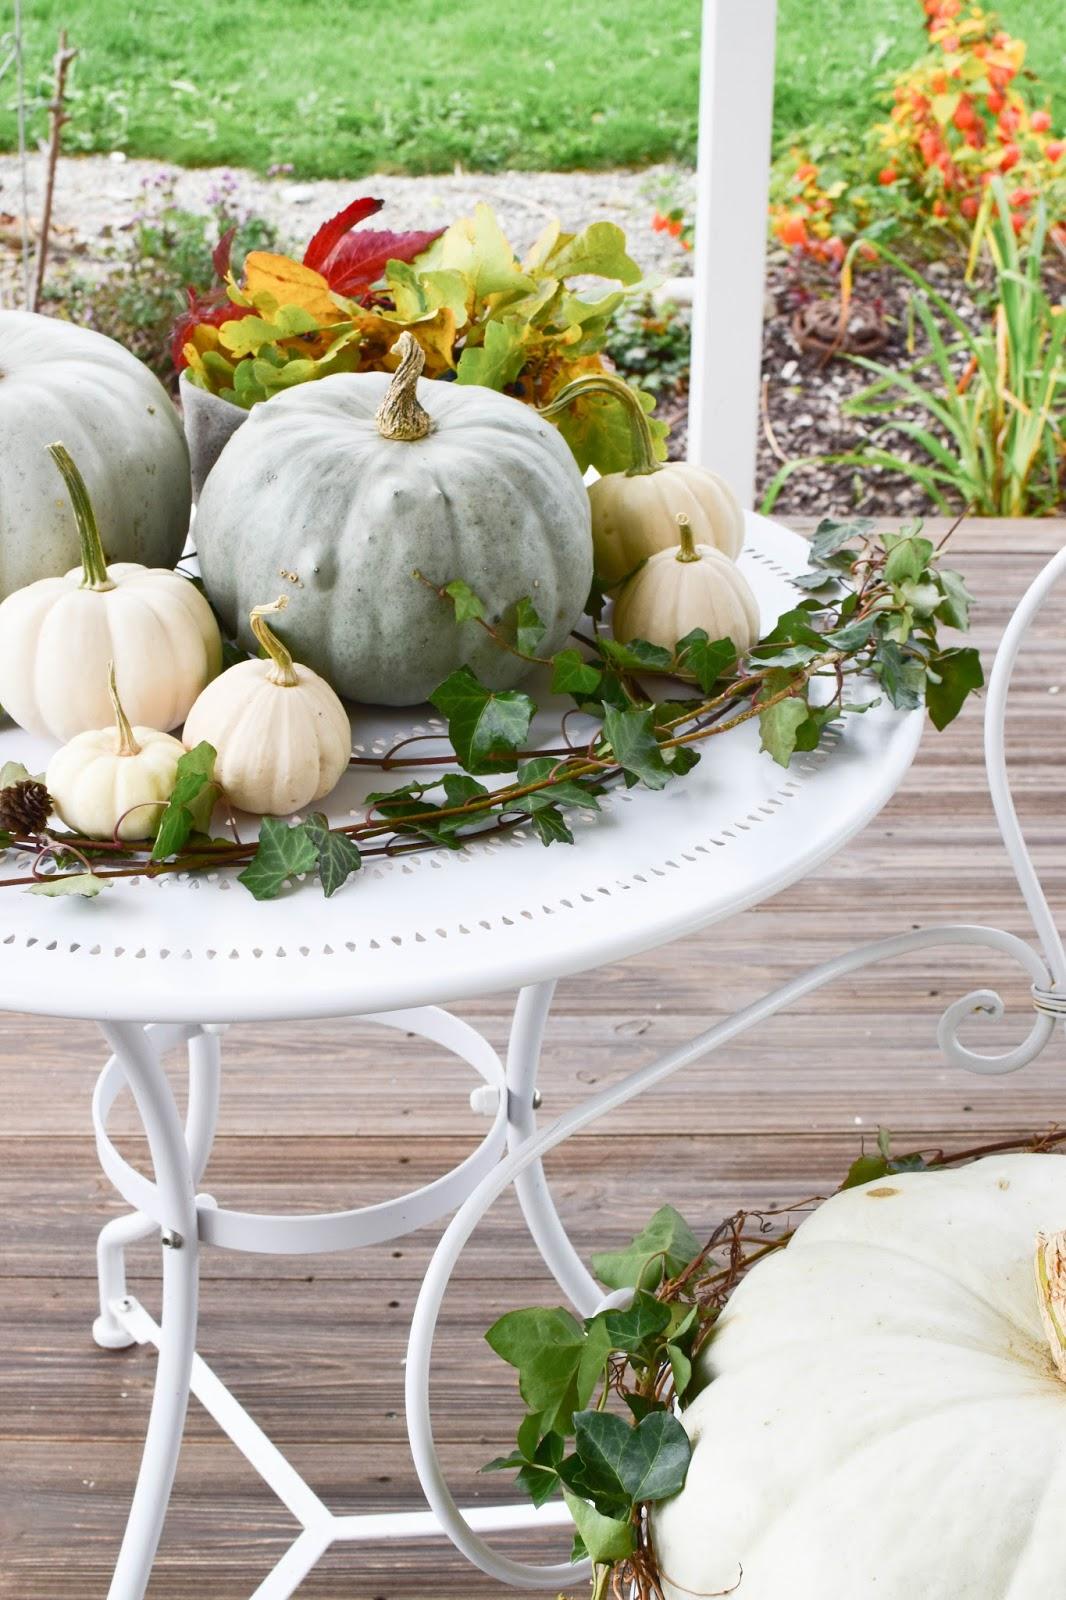 Dekoideen mit Kürbis für den Herbst. Kürbisse natürlich dekorieren. Tischdeko, Tisch dekorieren Herbstdeko, herbstliche Deko, garten balkon